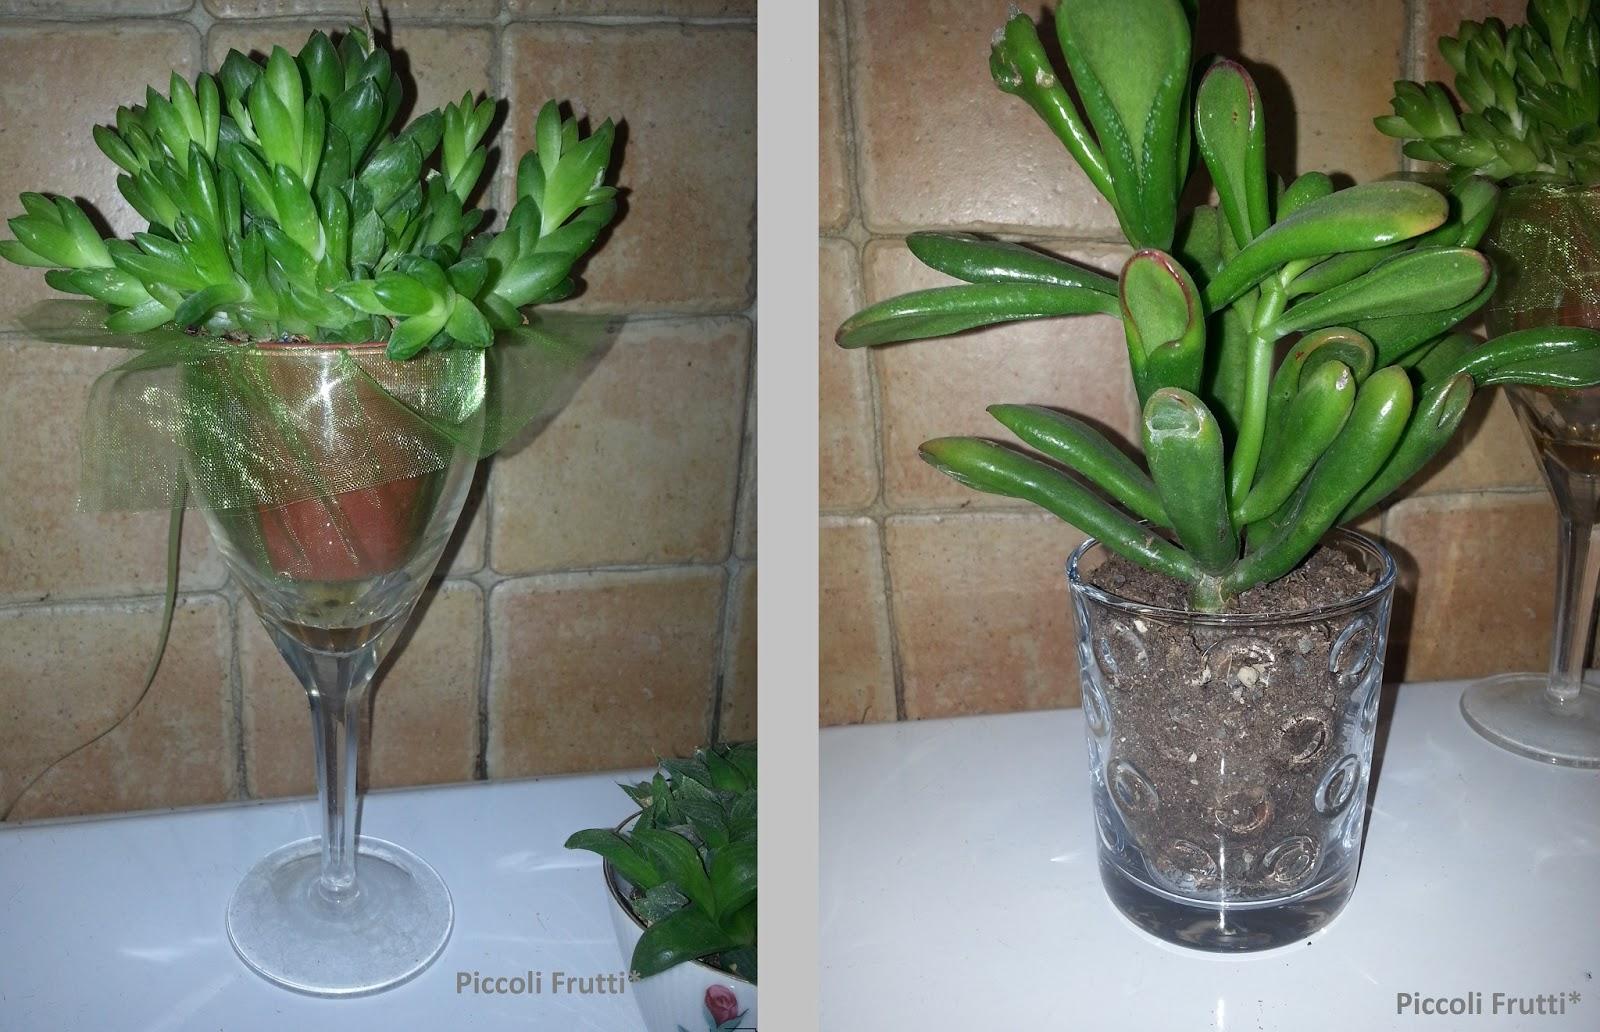 Piccoli Frutti Vasi Improvvisati Piante Grasse In Bicchieri Di Vetro